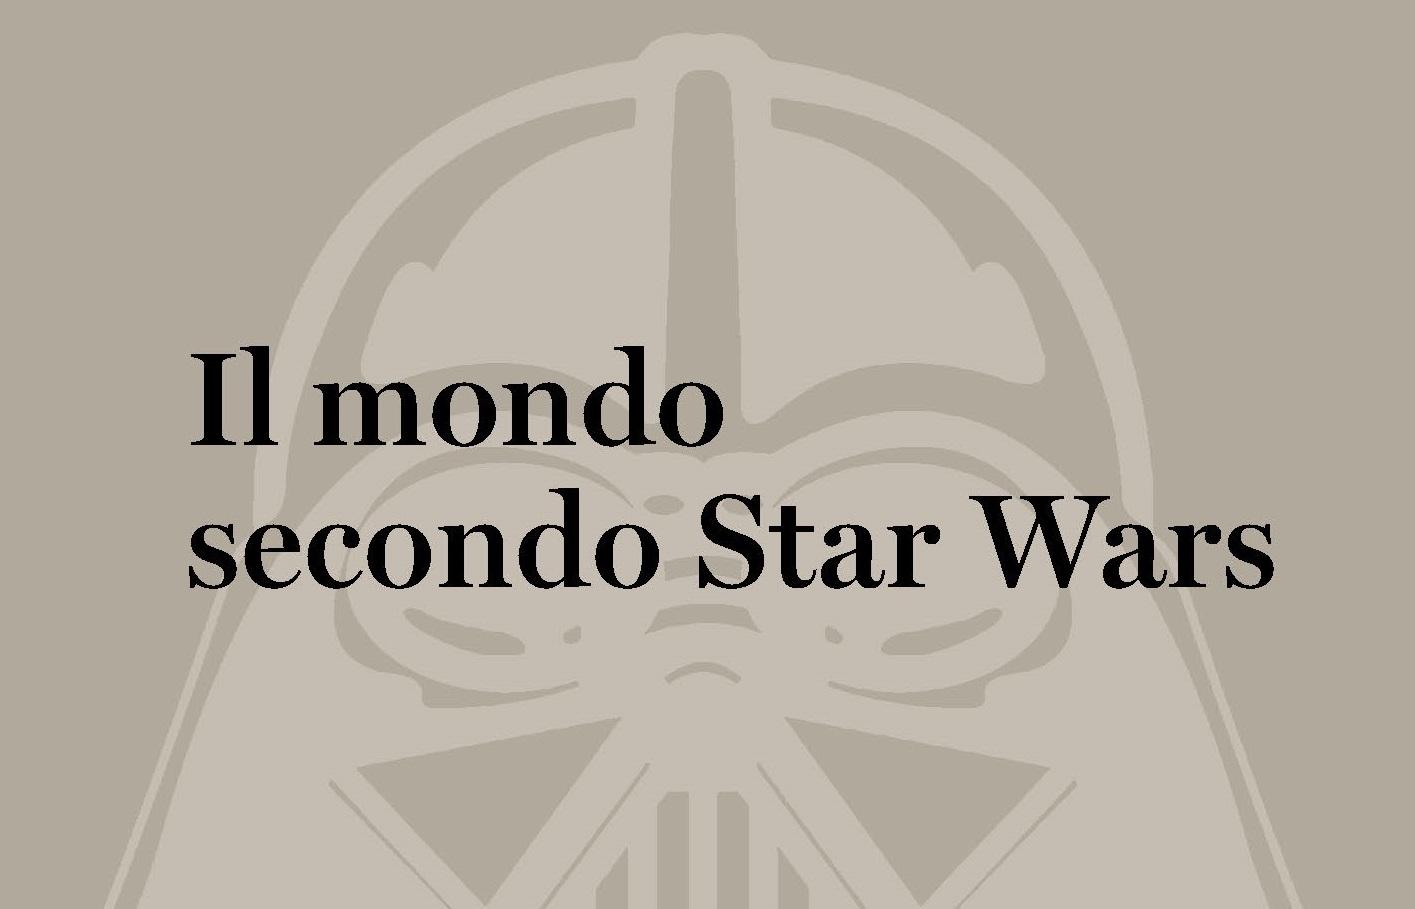 il mondo secondo star wars evidenza